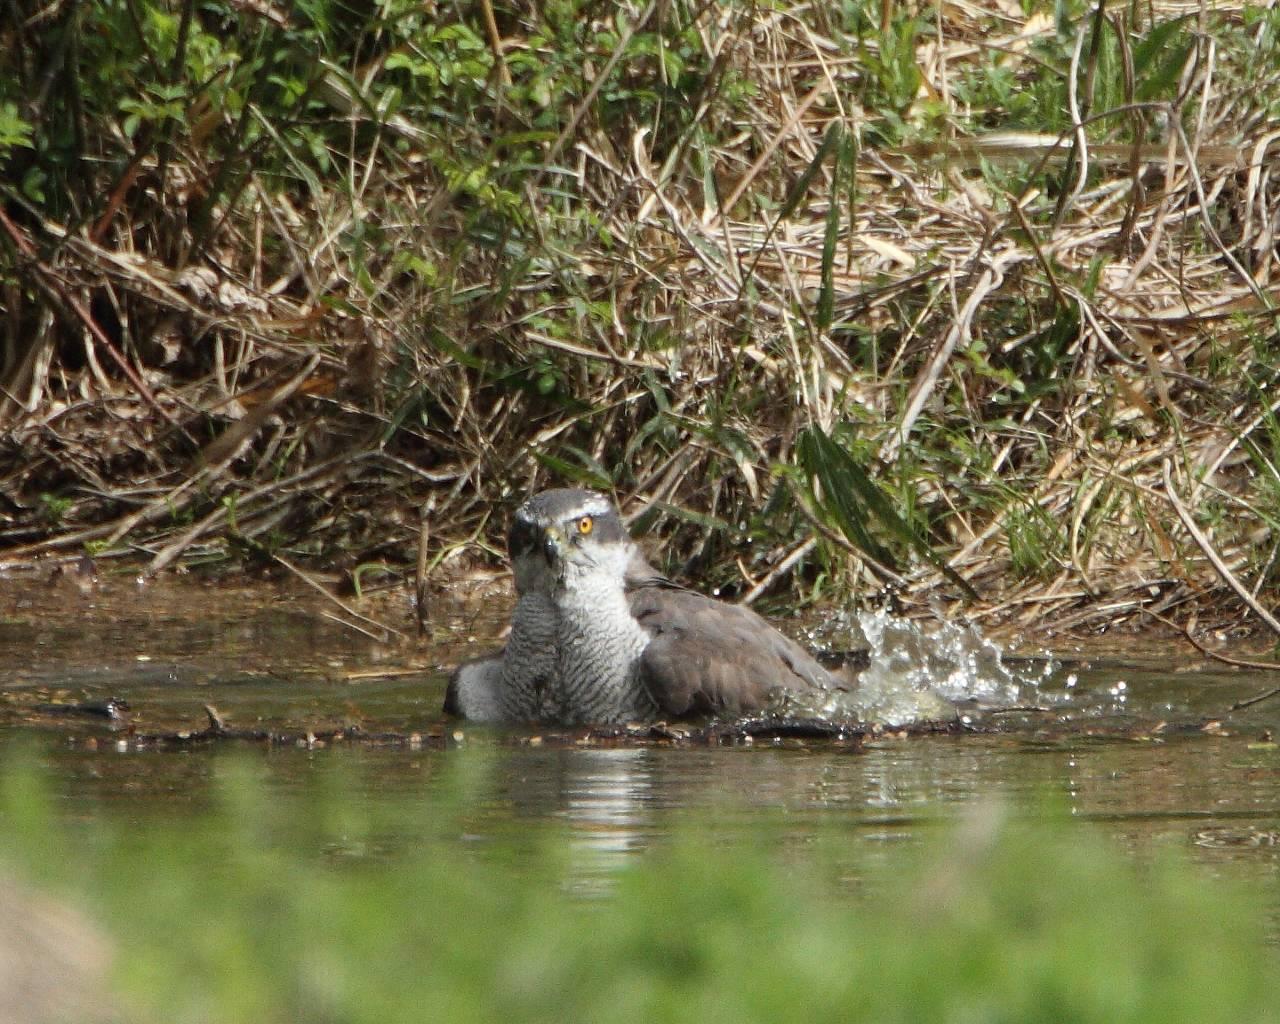 オオタカ成鳥の水浴び_f0105570_2155957.jpg